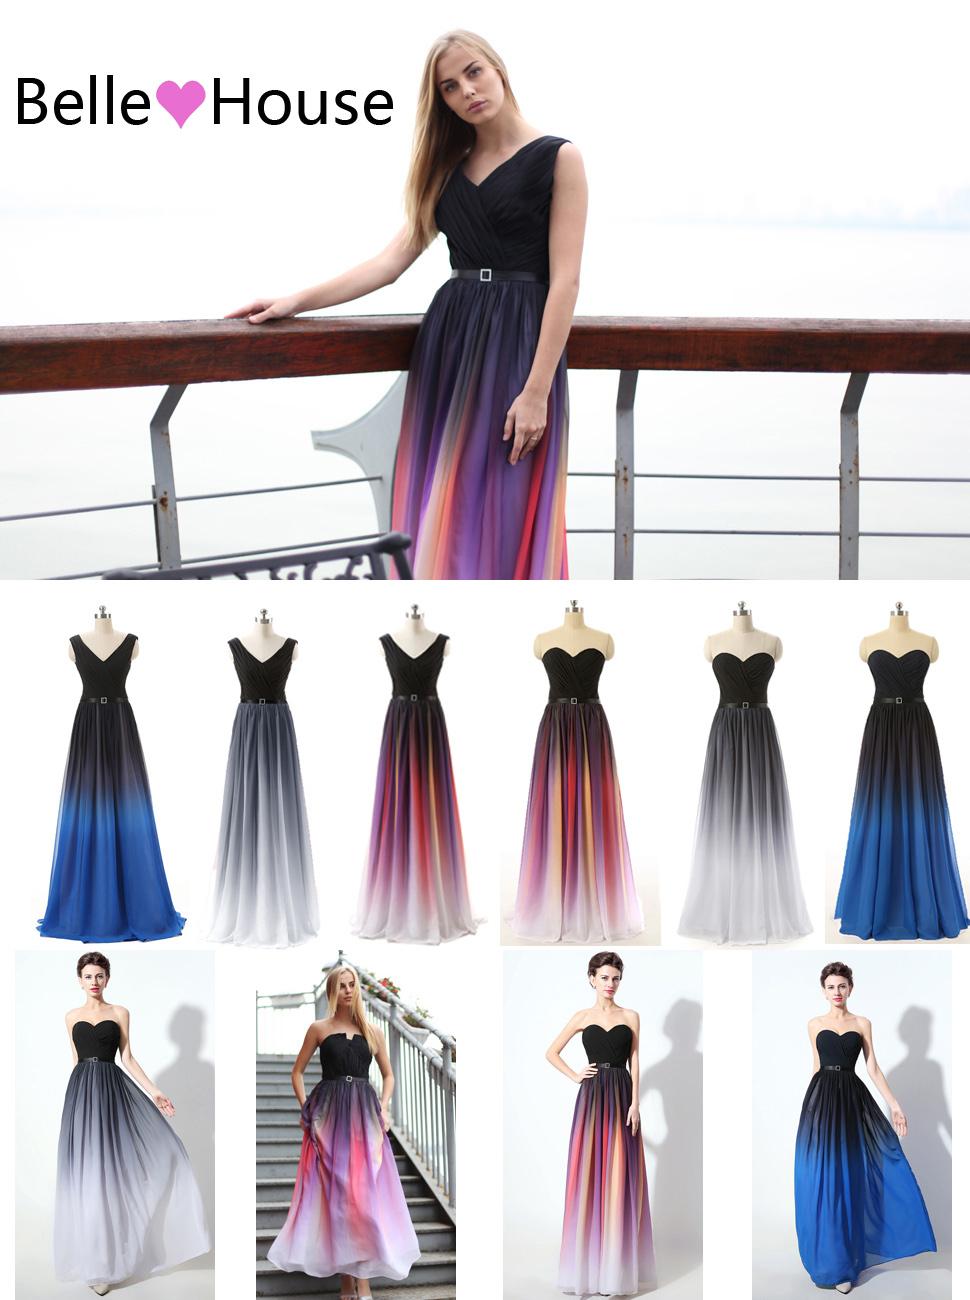 Amazon.com: Belle House Women\'s Gradient Color Chiffon Formal ...